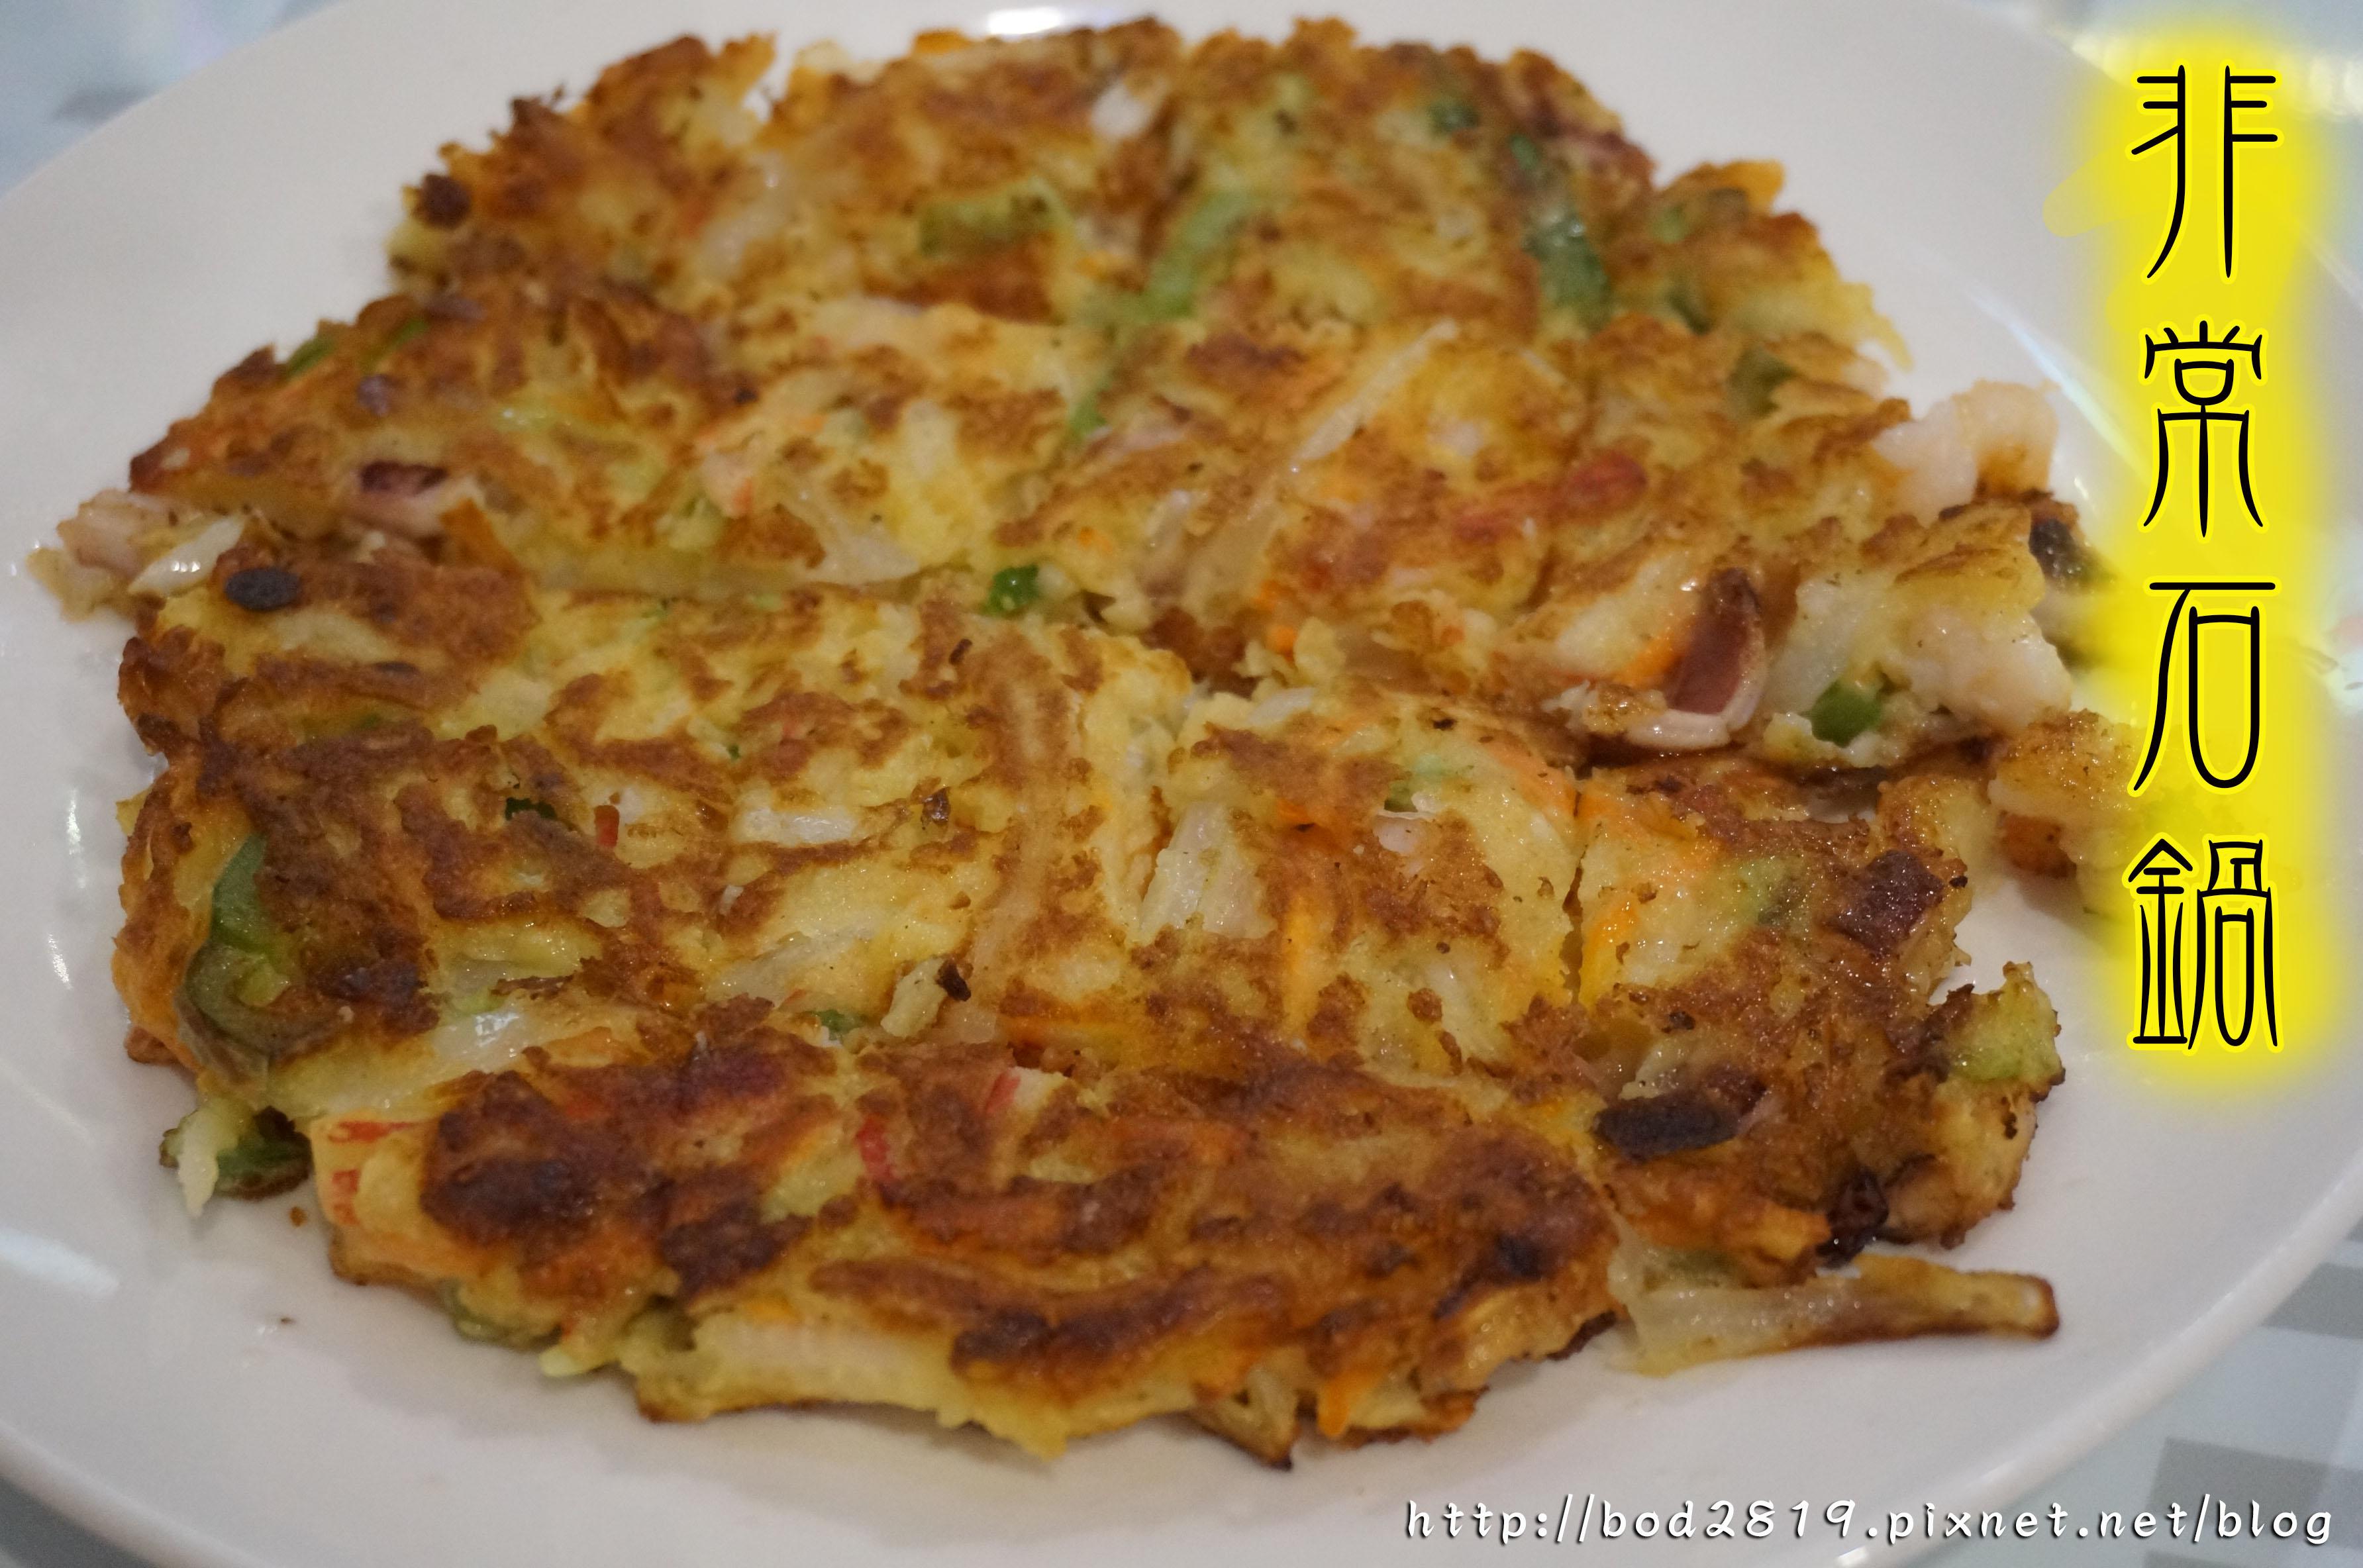 20082948606 531b7e9f45 o - 【台中北區】非常石鍋-平價韓式料理,近親親戲院,吃完還可以看個電影